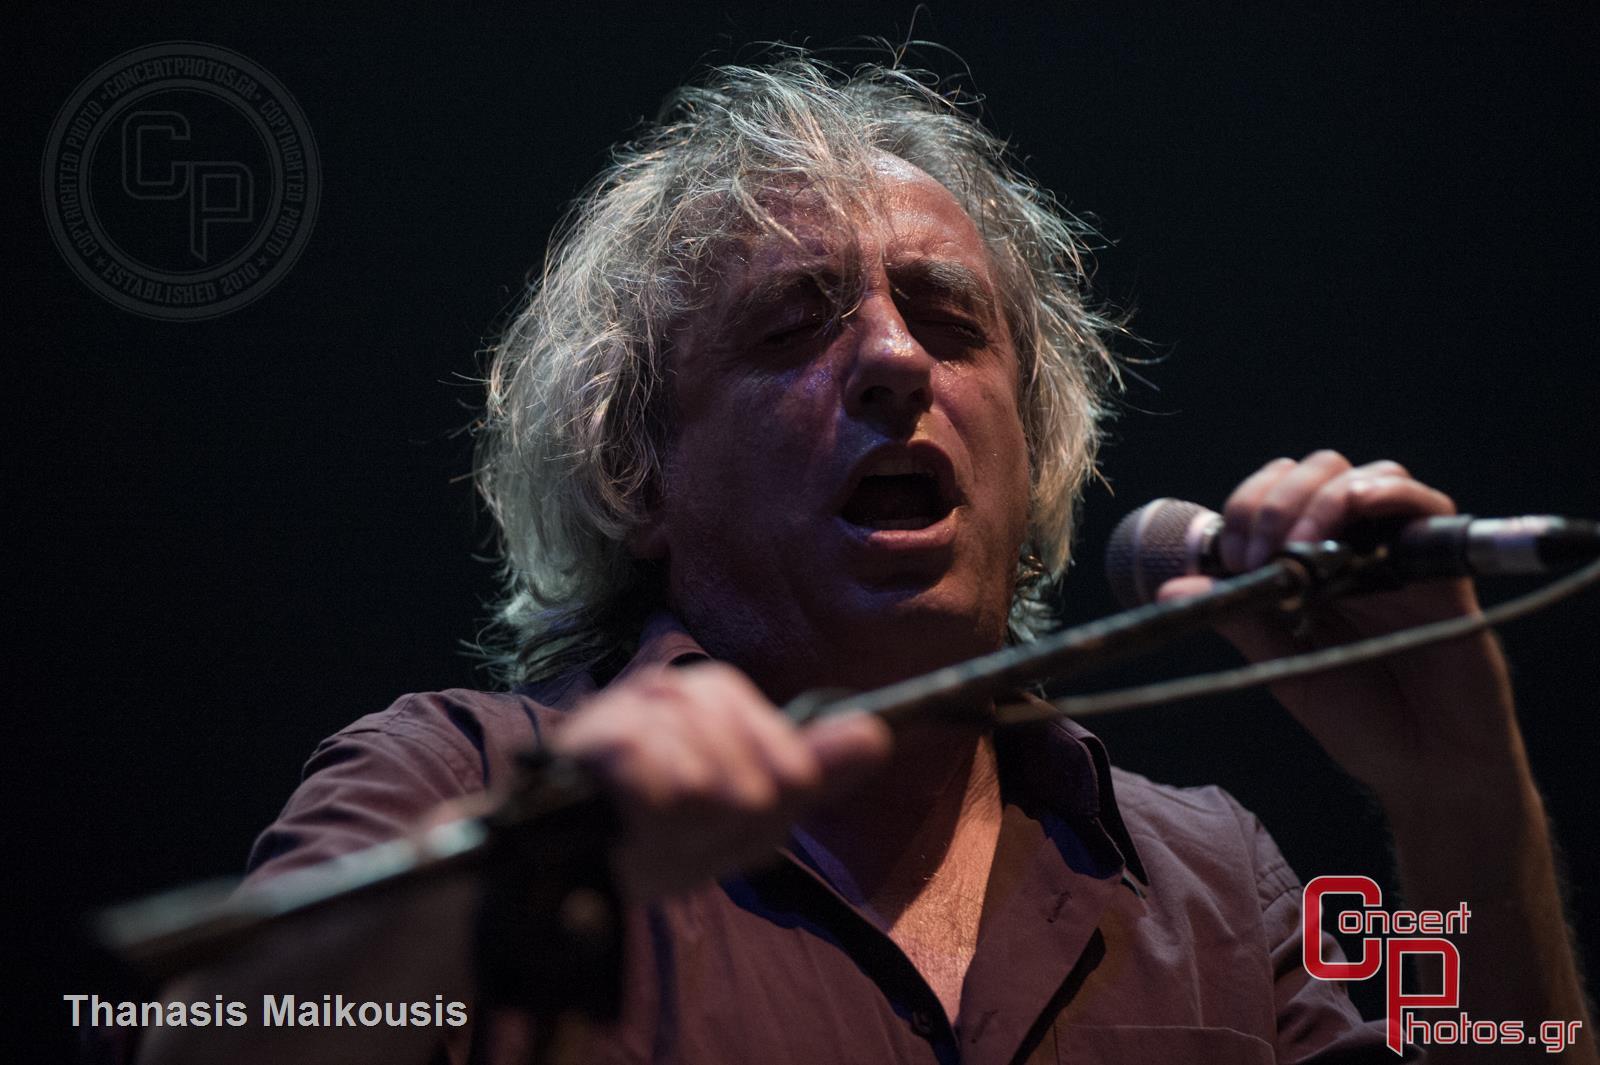 Γιάννης Αγγελάκας-Giannis Aggelakas Stage volume 1 photographer: Thanasis Maikousis - _DSC1872